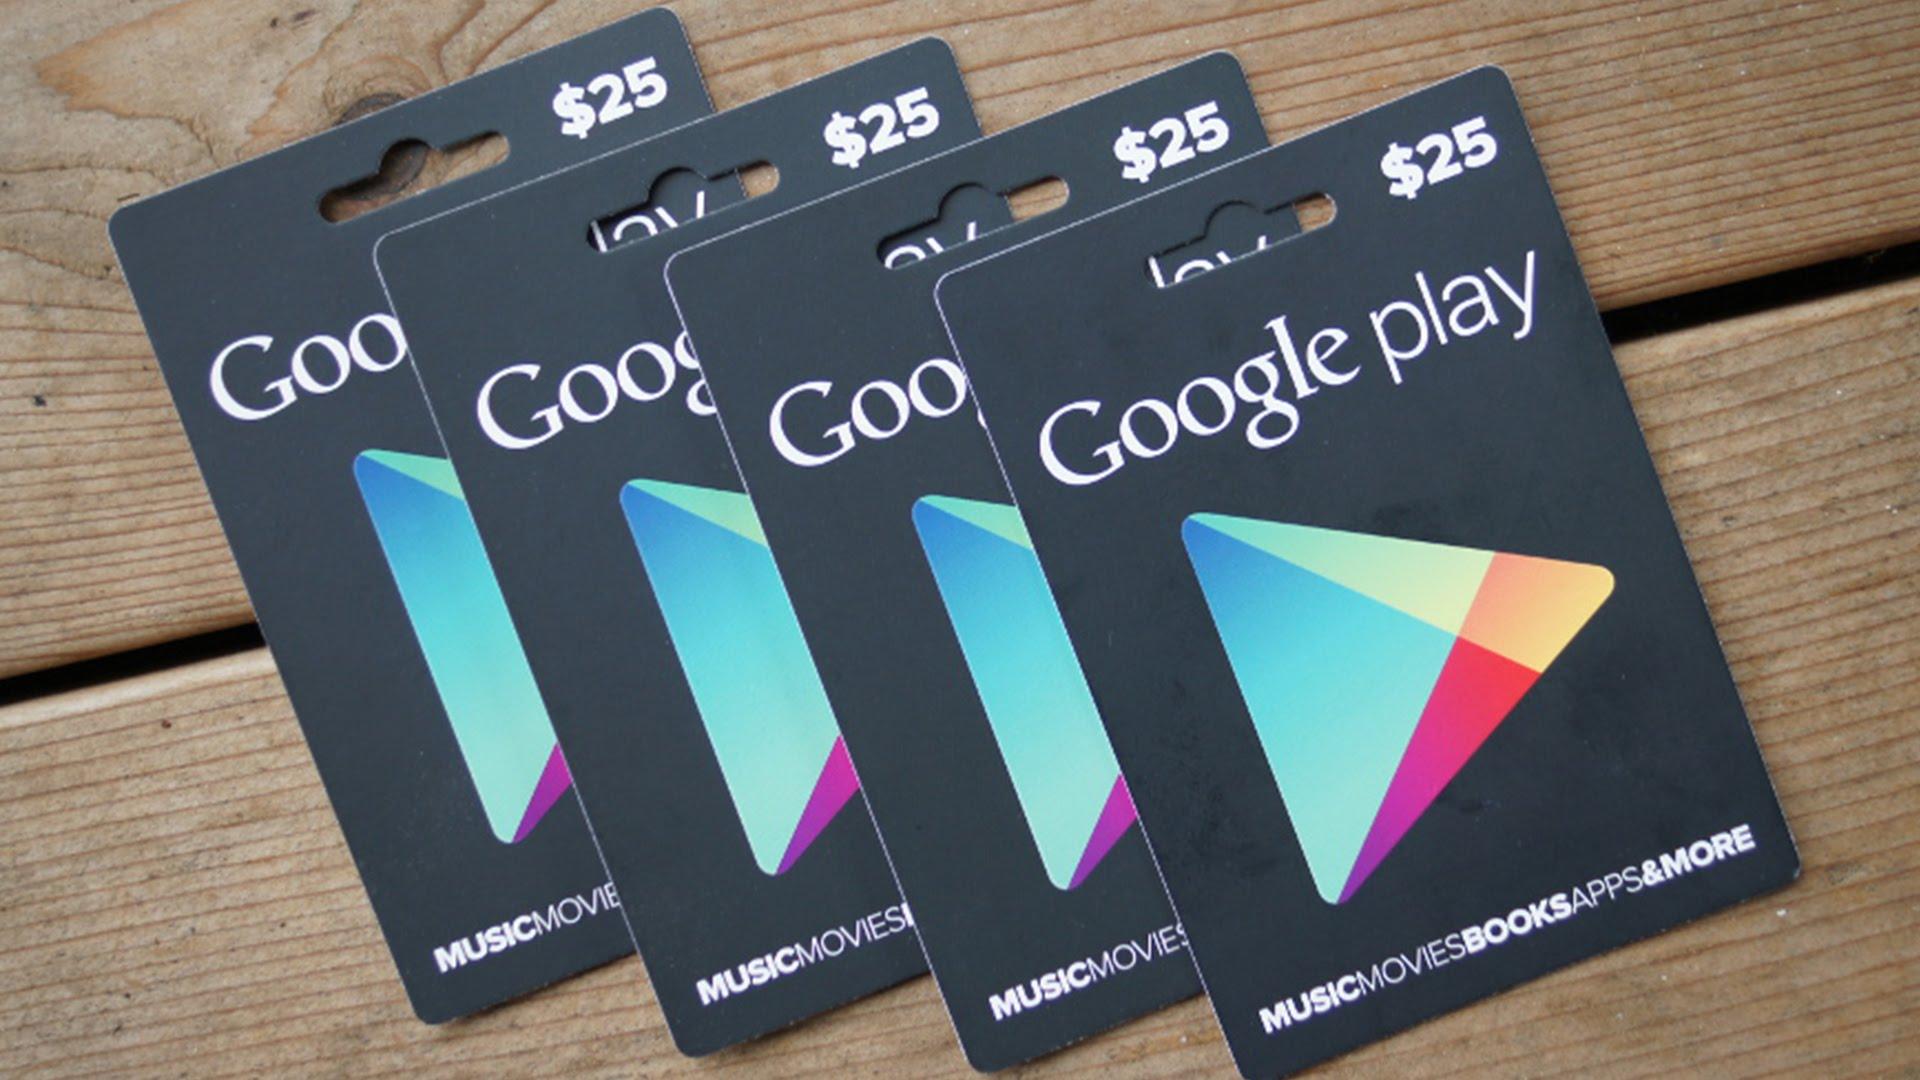 Nạp thẻ Google tại napgamemobile.com uy tín và nhanh chóng